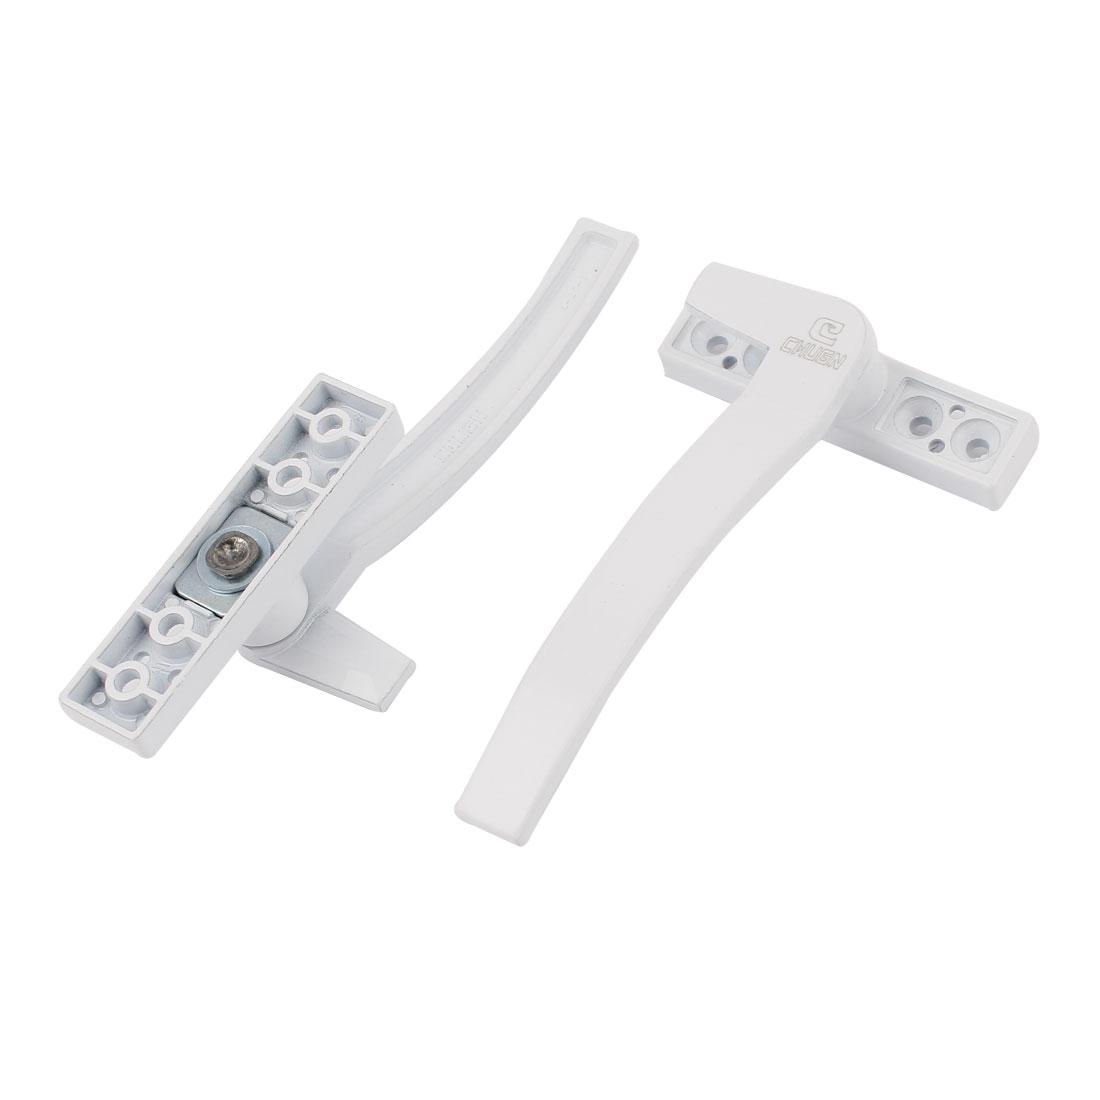 1Pair Left + Right Hand White Metal Casement Door Window Cabinet Locking Handle Grip Puller